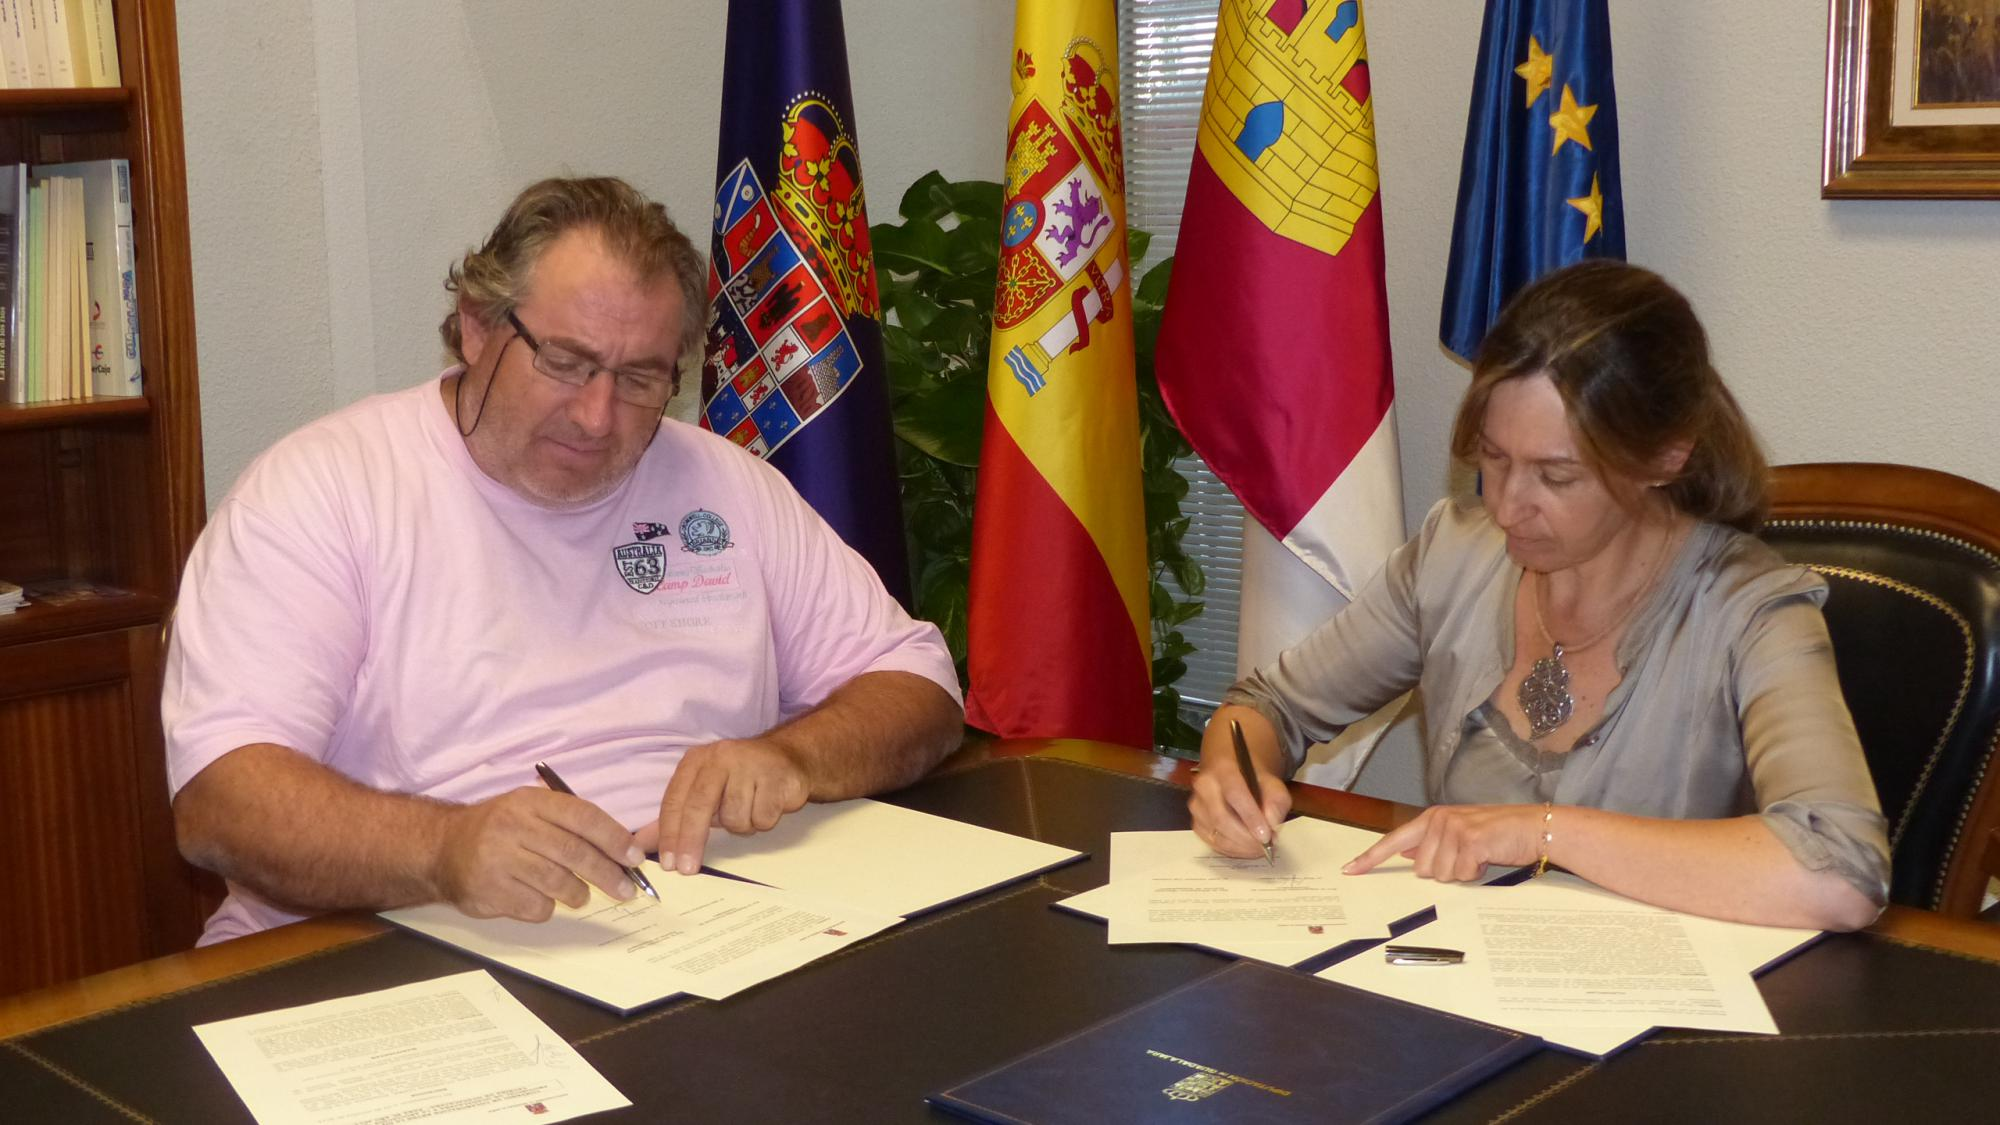 La Diputación apoya la actividad de la Escuela Taurina de Guadalajara que impulsa el conocimiento de la fiesta de los toros